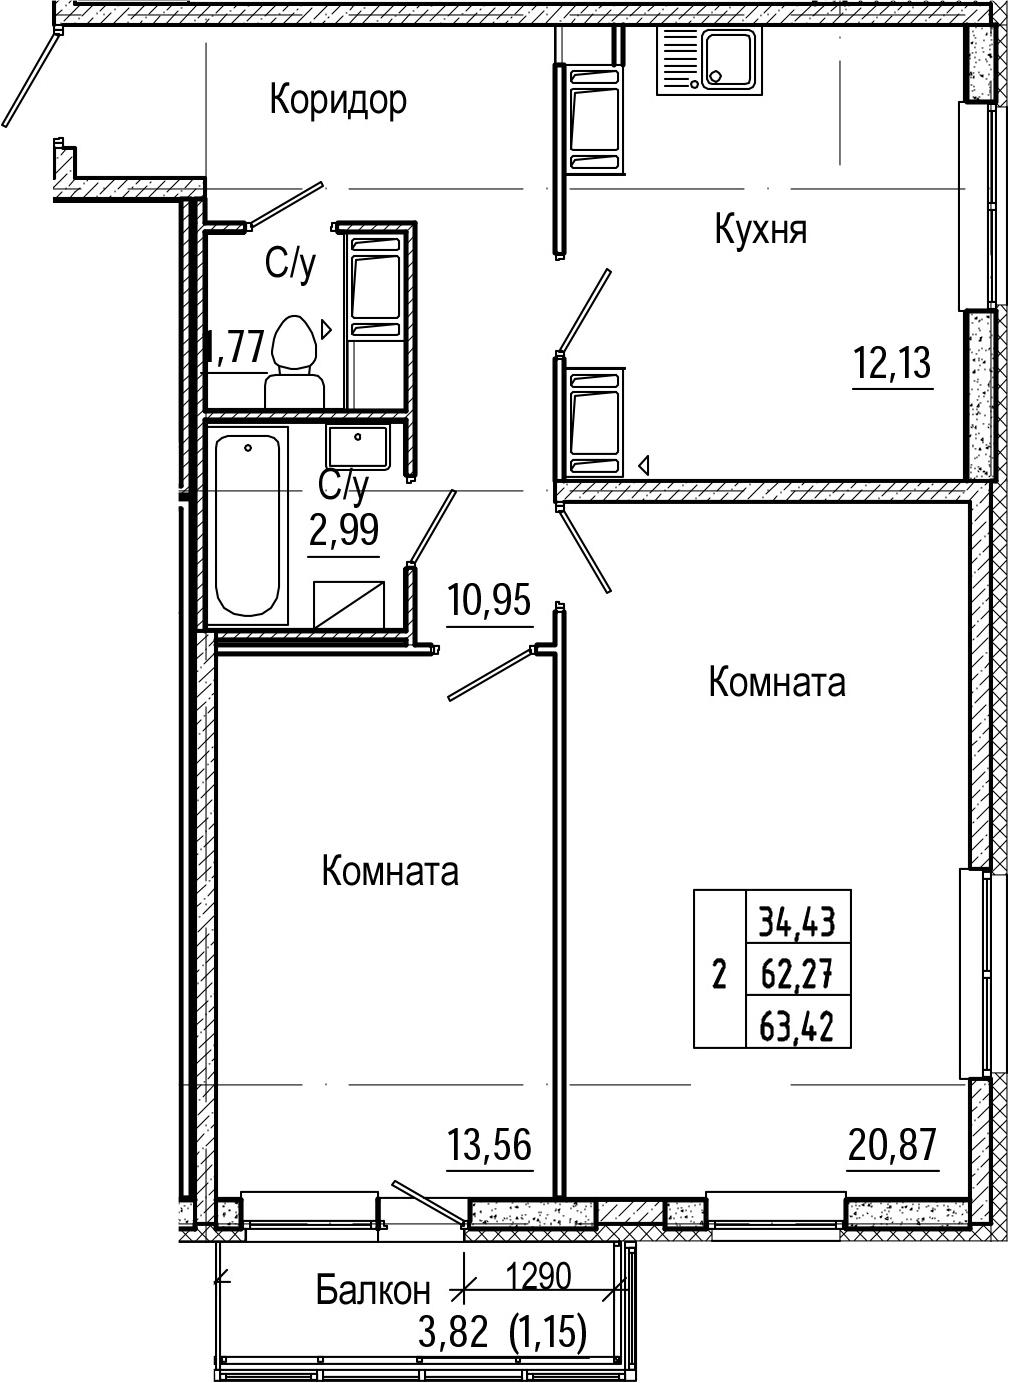 2-комнатная, 63.42 м²– 2